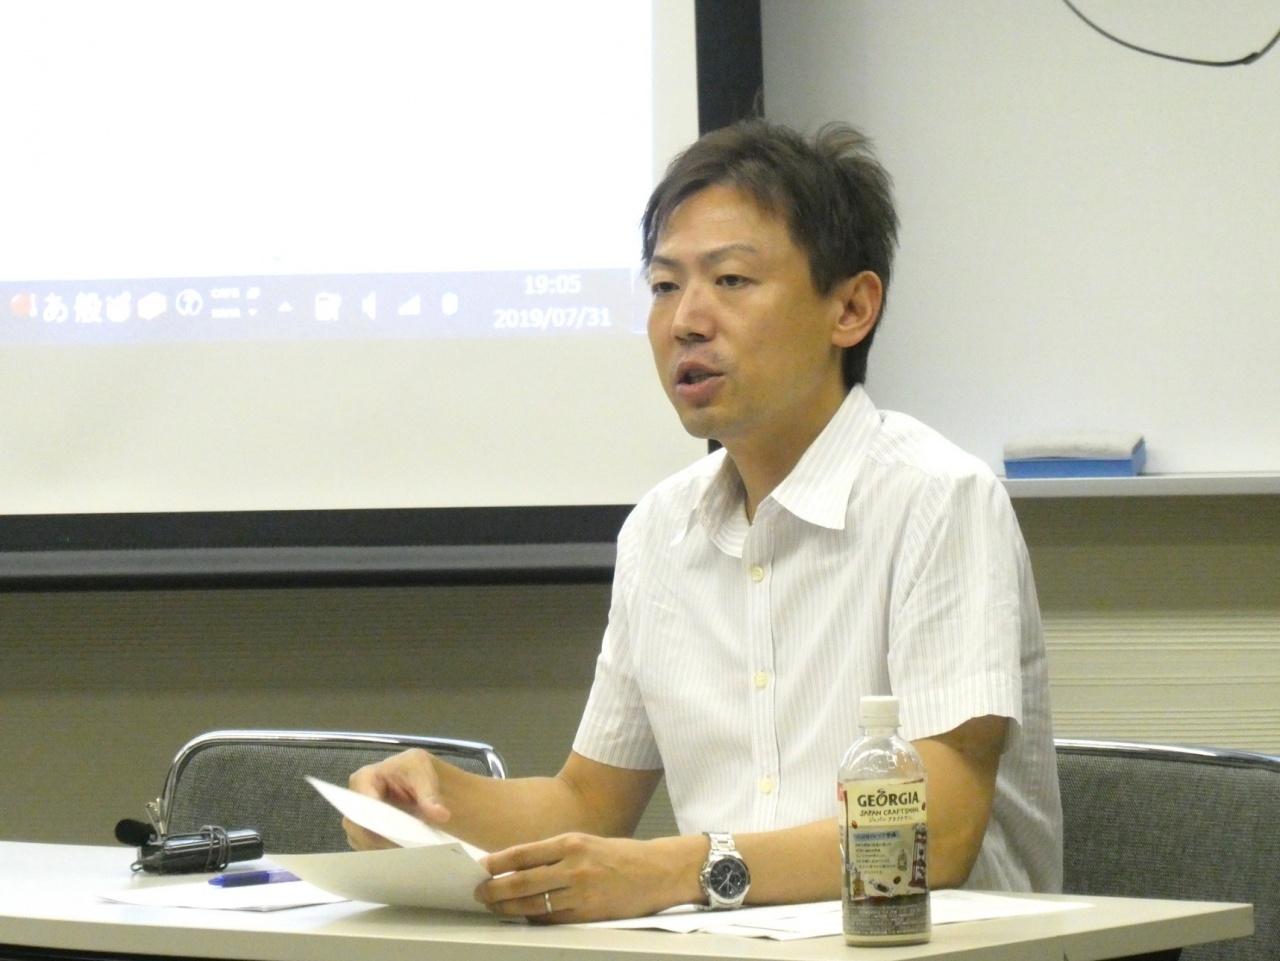 畠山 亮教授(本学法学部)